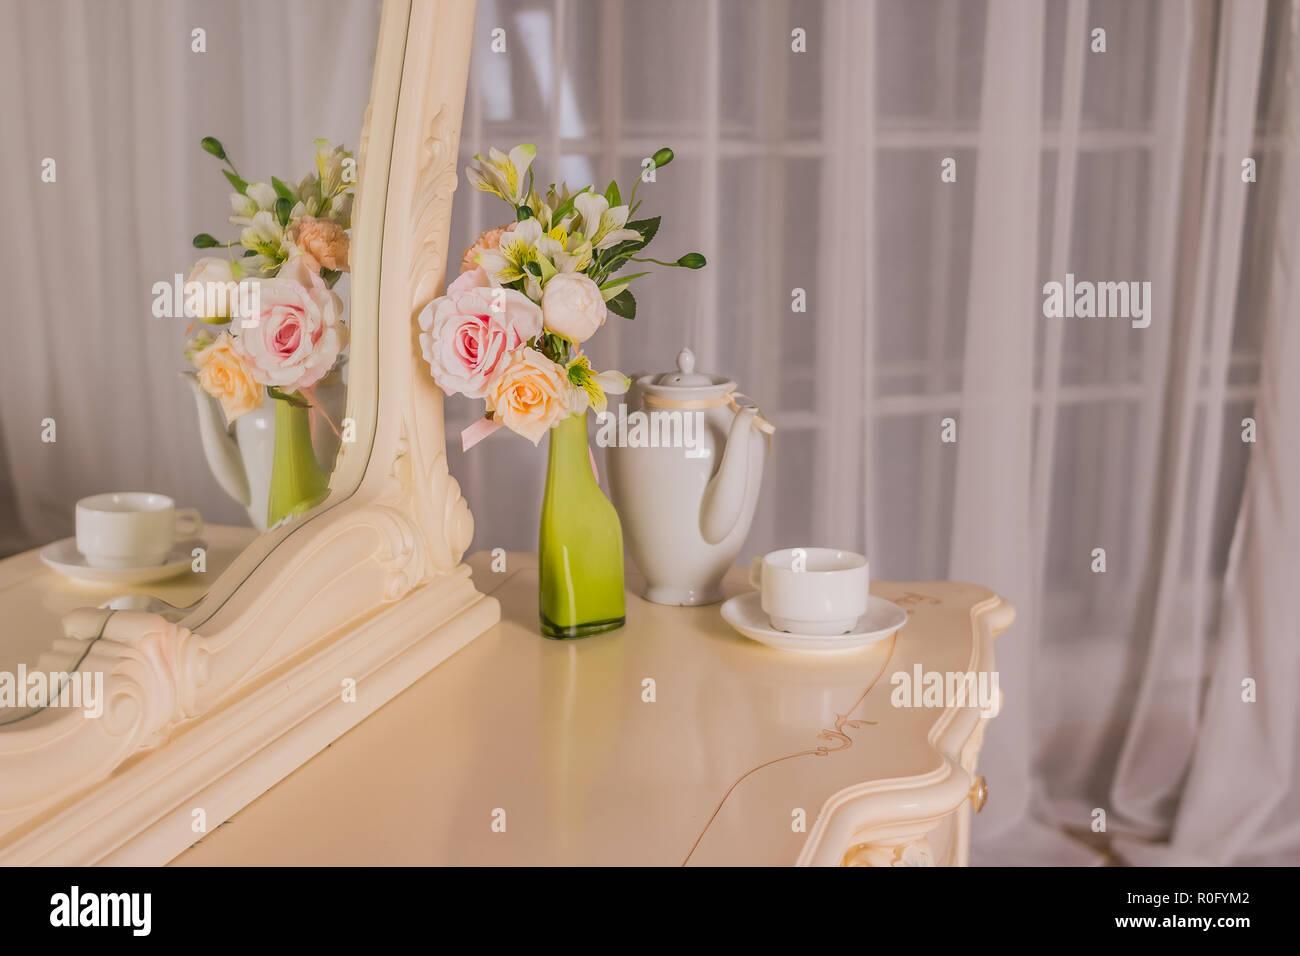 Immagini Di Camere Da Letto Per Ragazze : Boudoir tabella i dettagli dell interno della camera da letto per